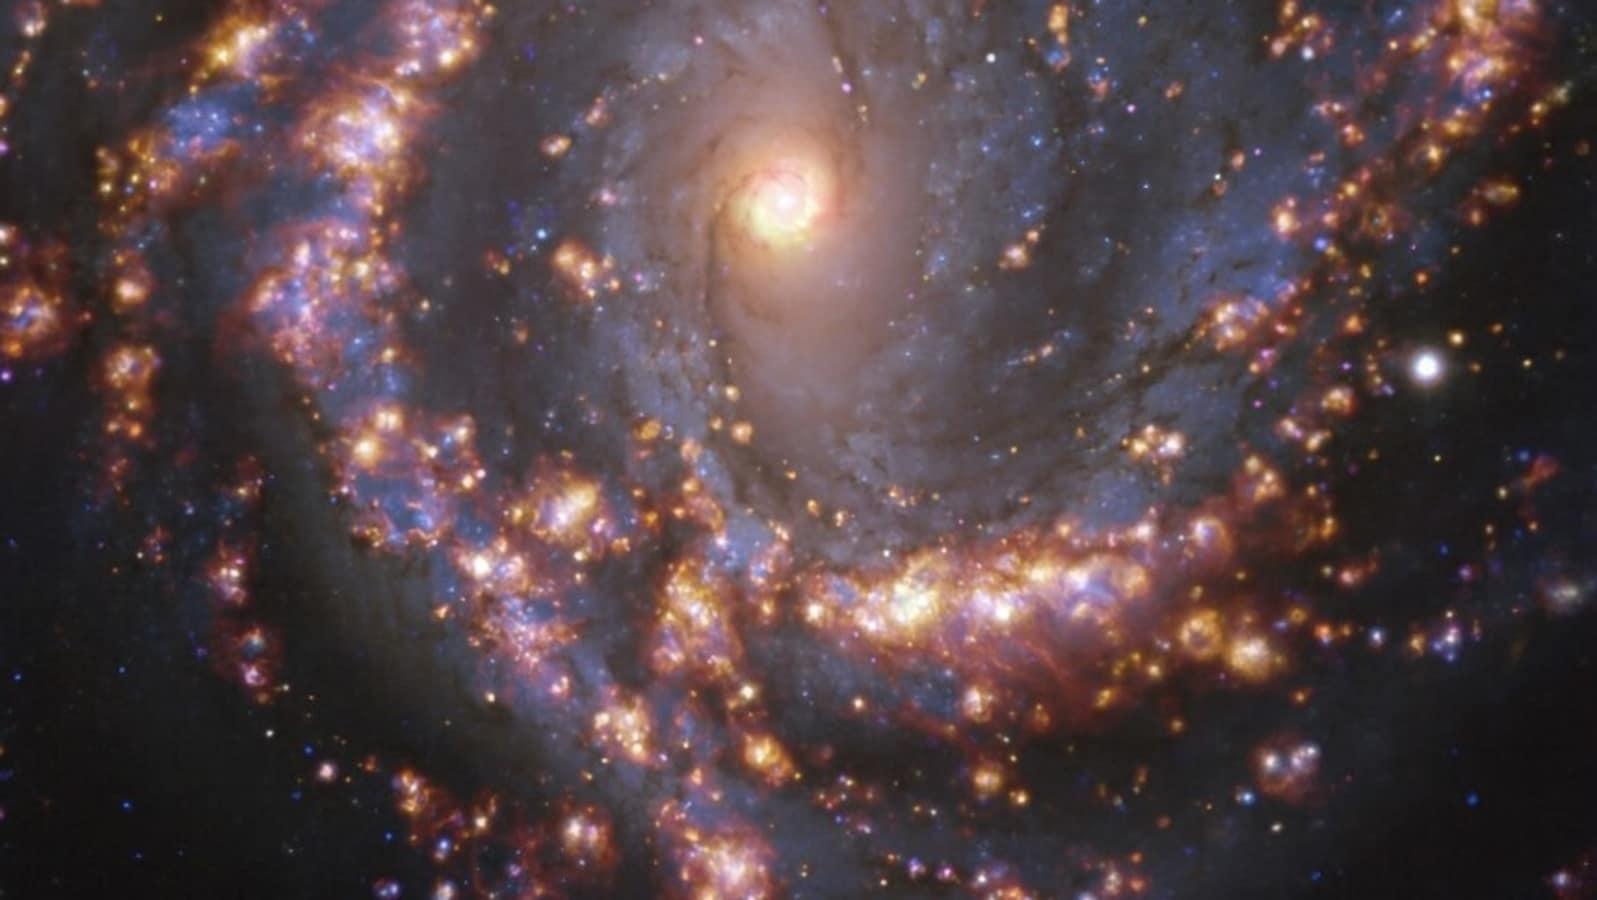 खगोल विज्ञान के इतिहास में पहली बार, 9 तारे जैसी वस्तुएं दिखाई दीं और गायब  हो गईं! वैज्ञानिक चकित; विदेशी लिंक? - Dekhsunke